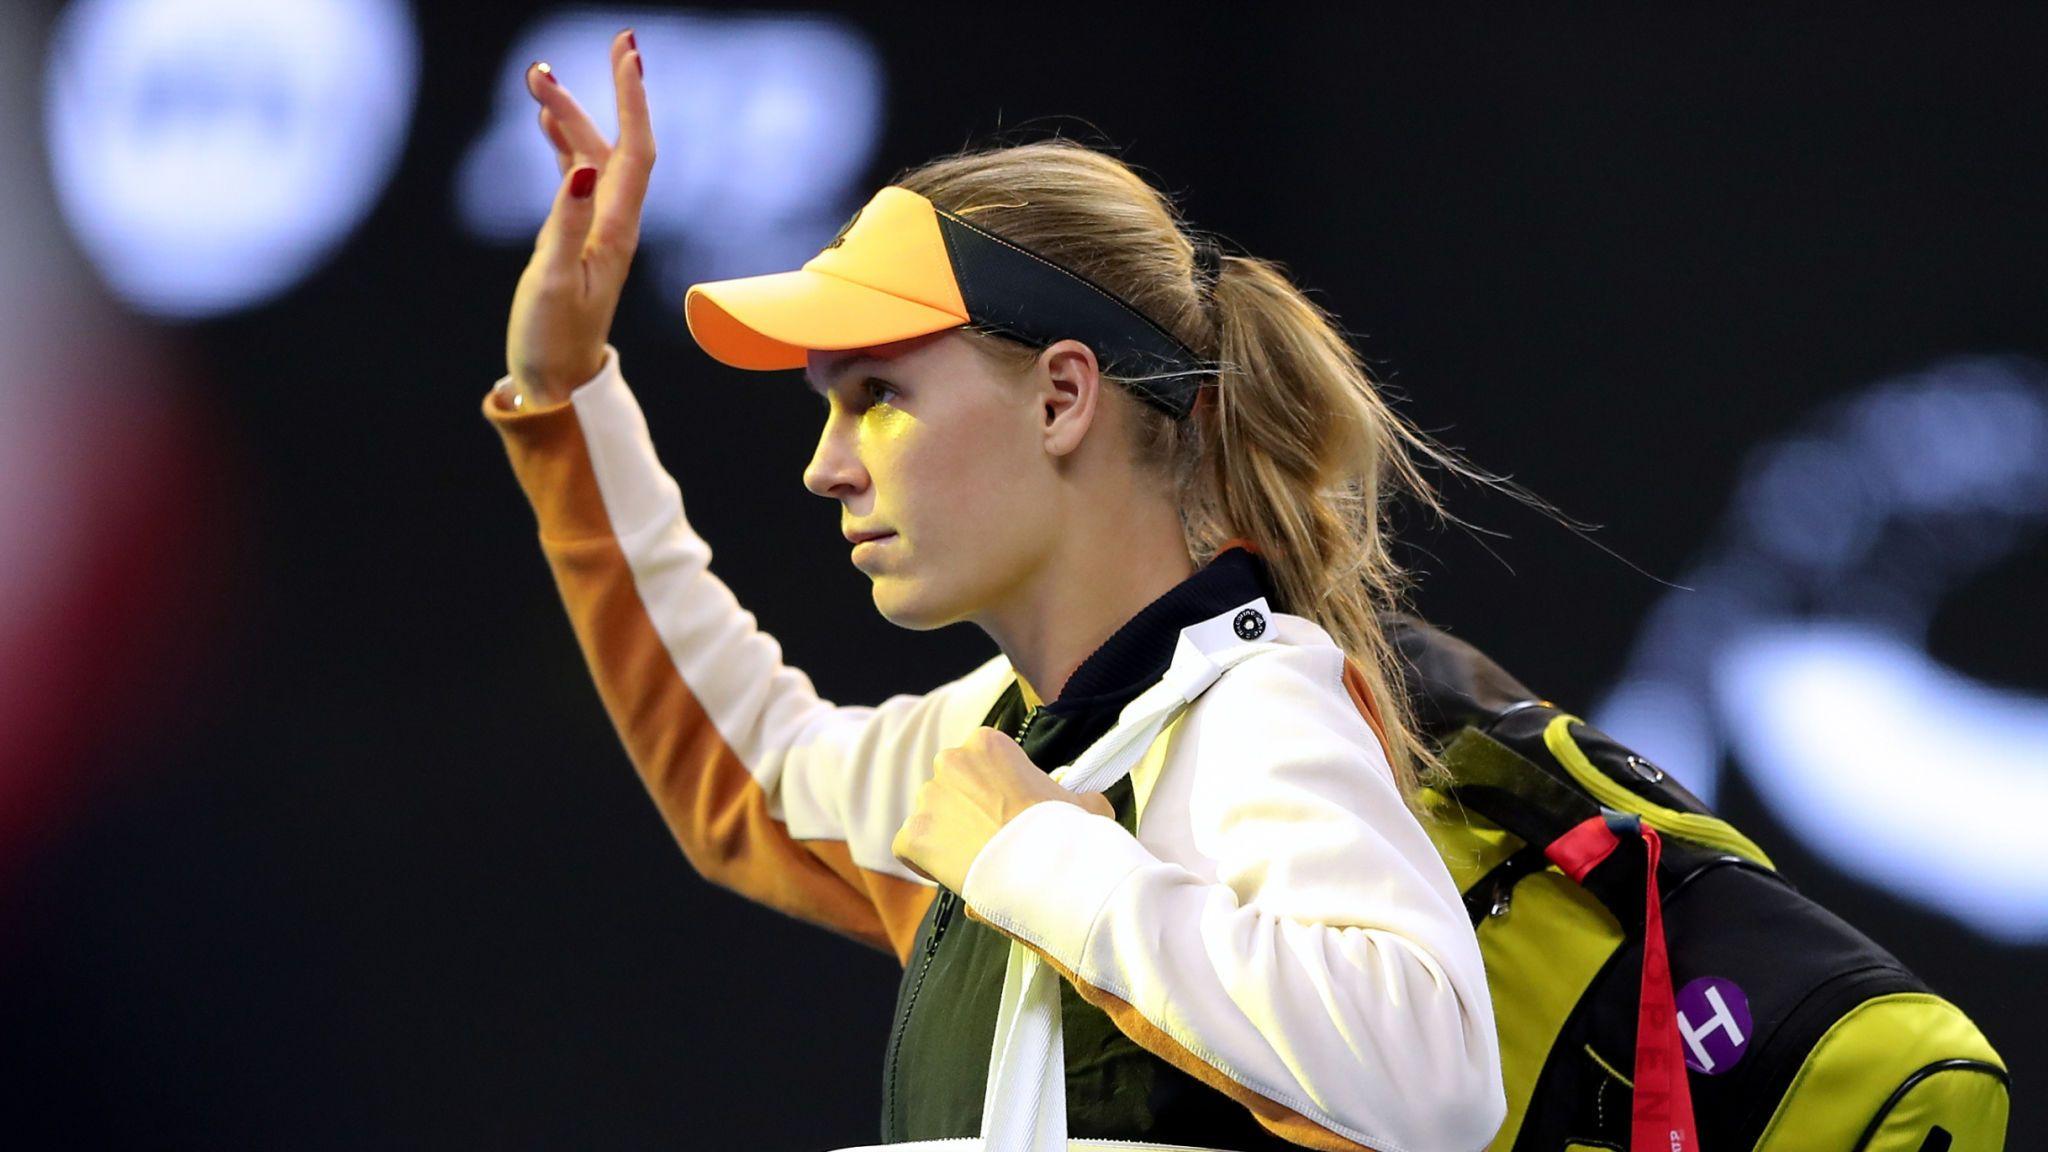 Կարոլին Վոզնյացկին կավարտի կարիերան Australian Open-ից հետո